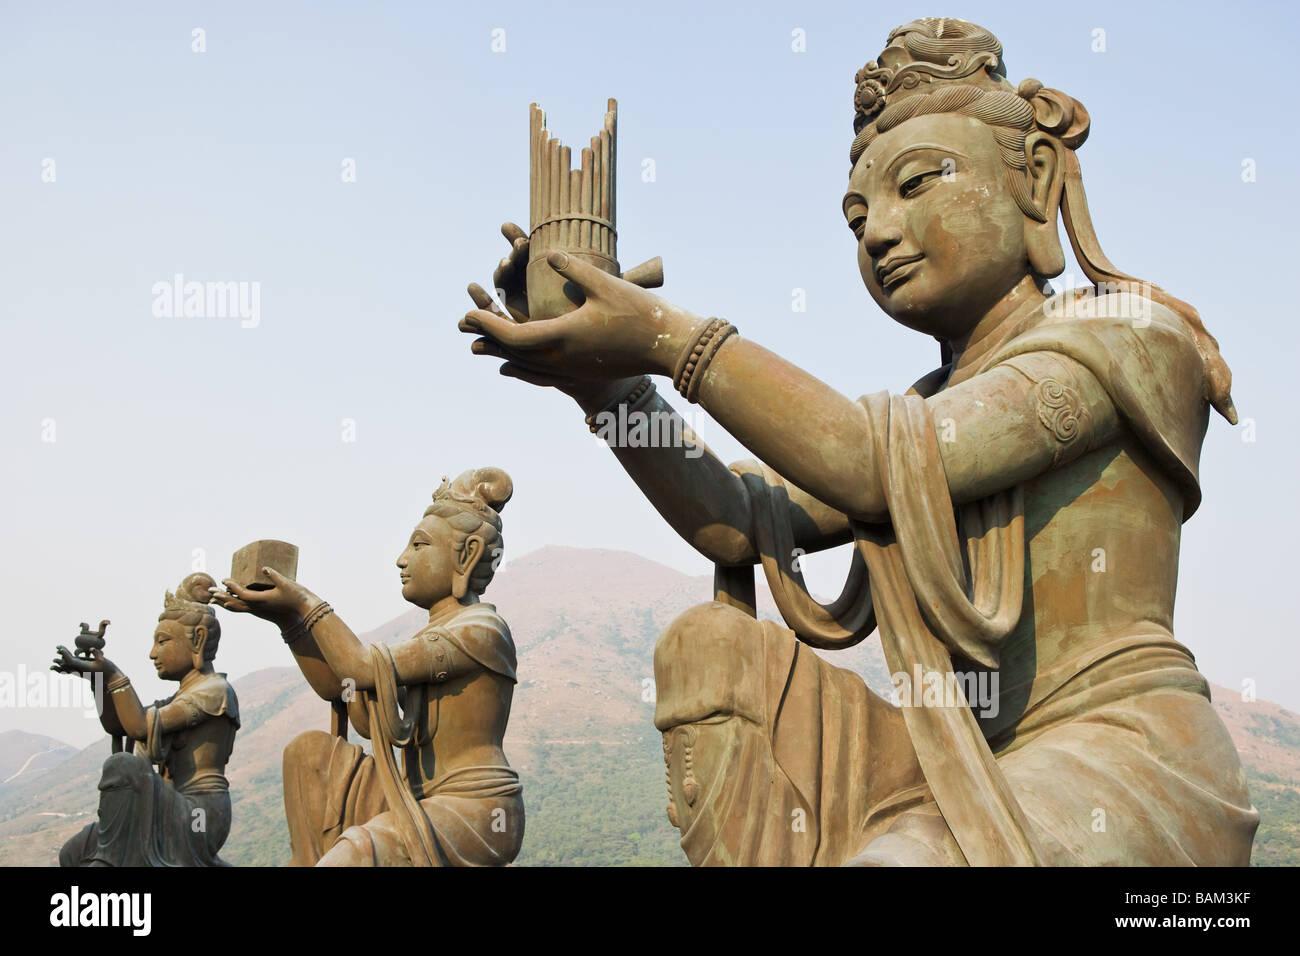 Statues near tian tan buddha - Stock Image